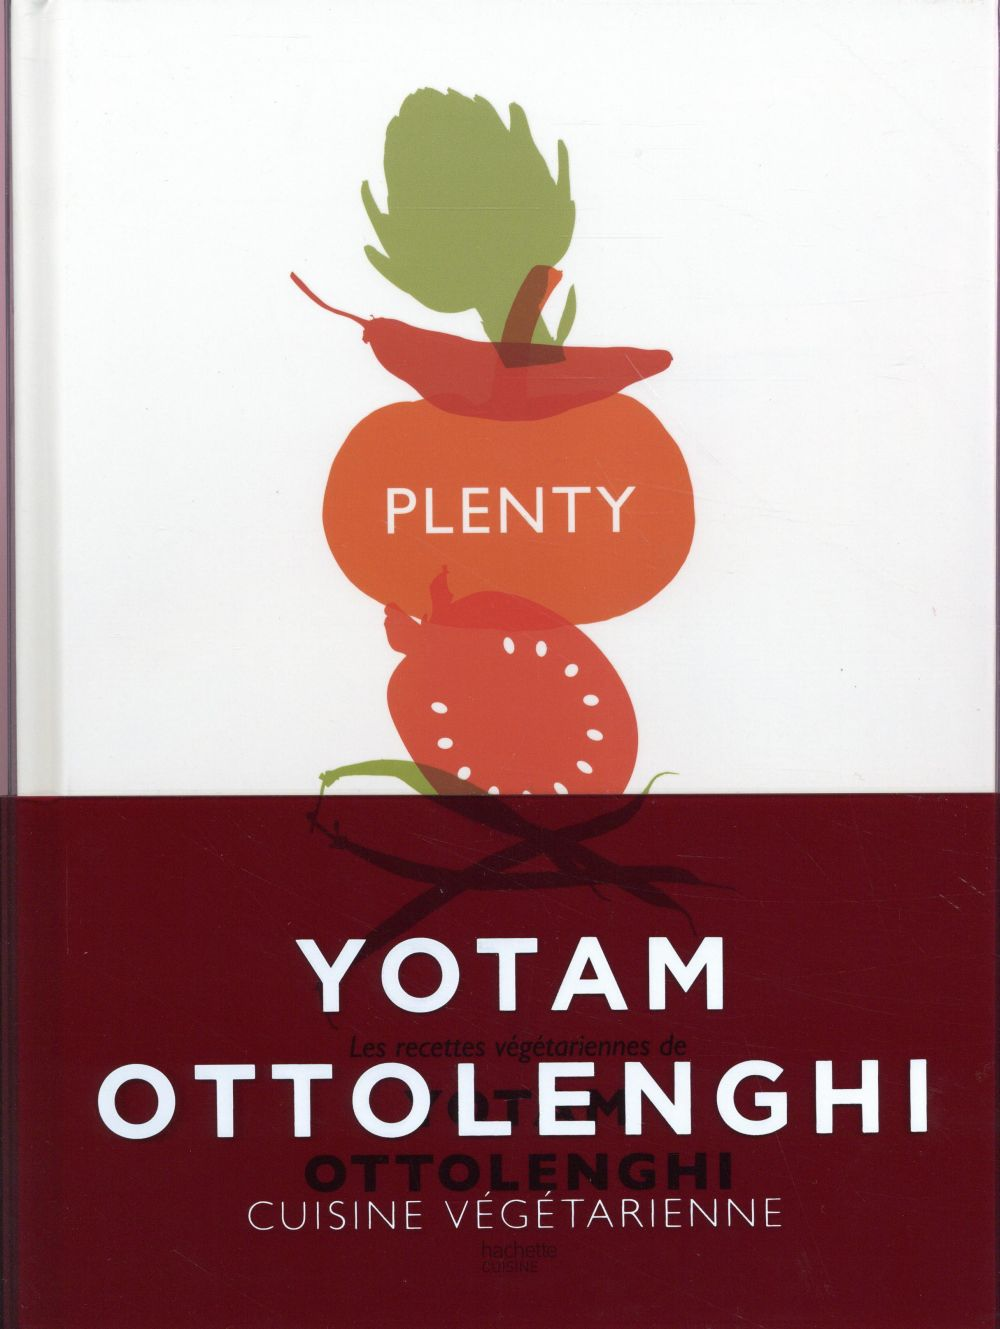 COFFRET YOTAM OTTOLENGHI